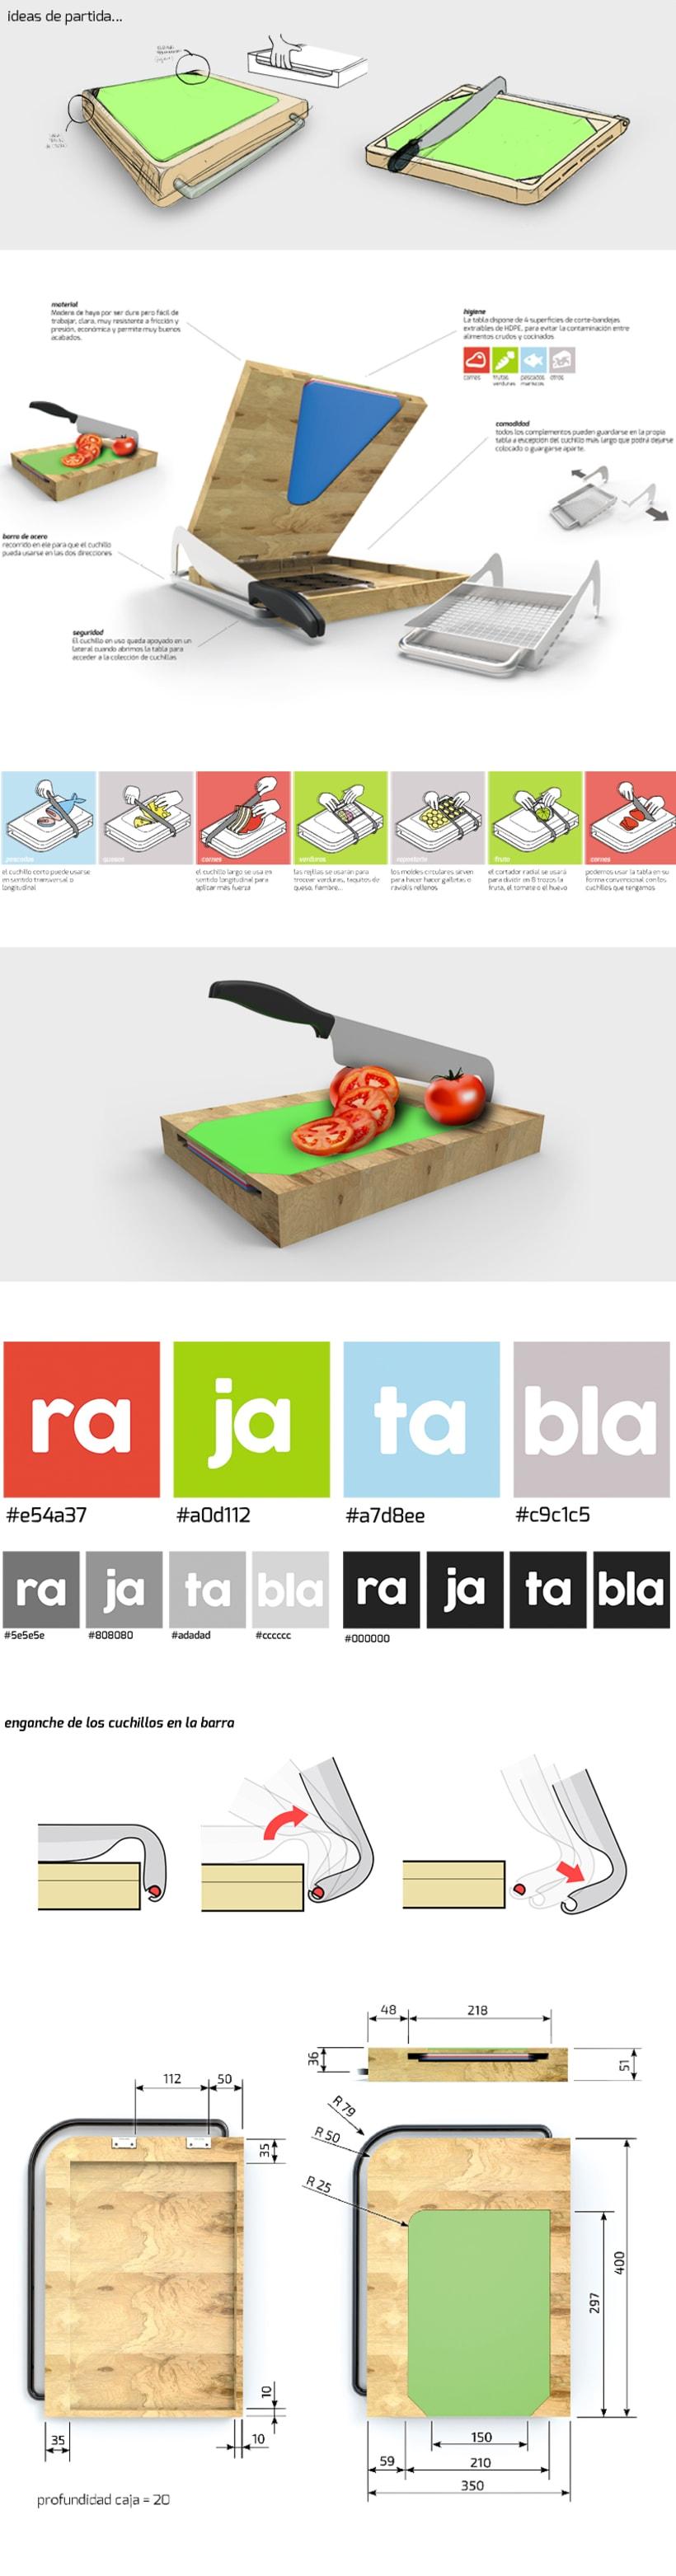 RAJATABLA_UNA TABLA PARA CORTAR A TODA LECHE -1